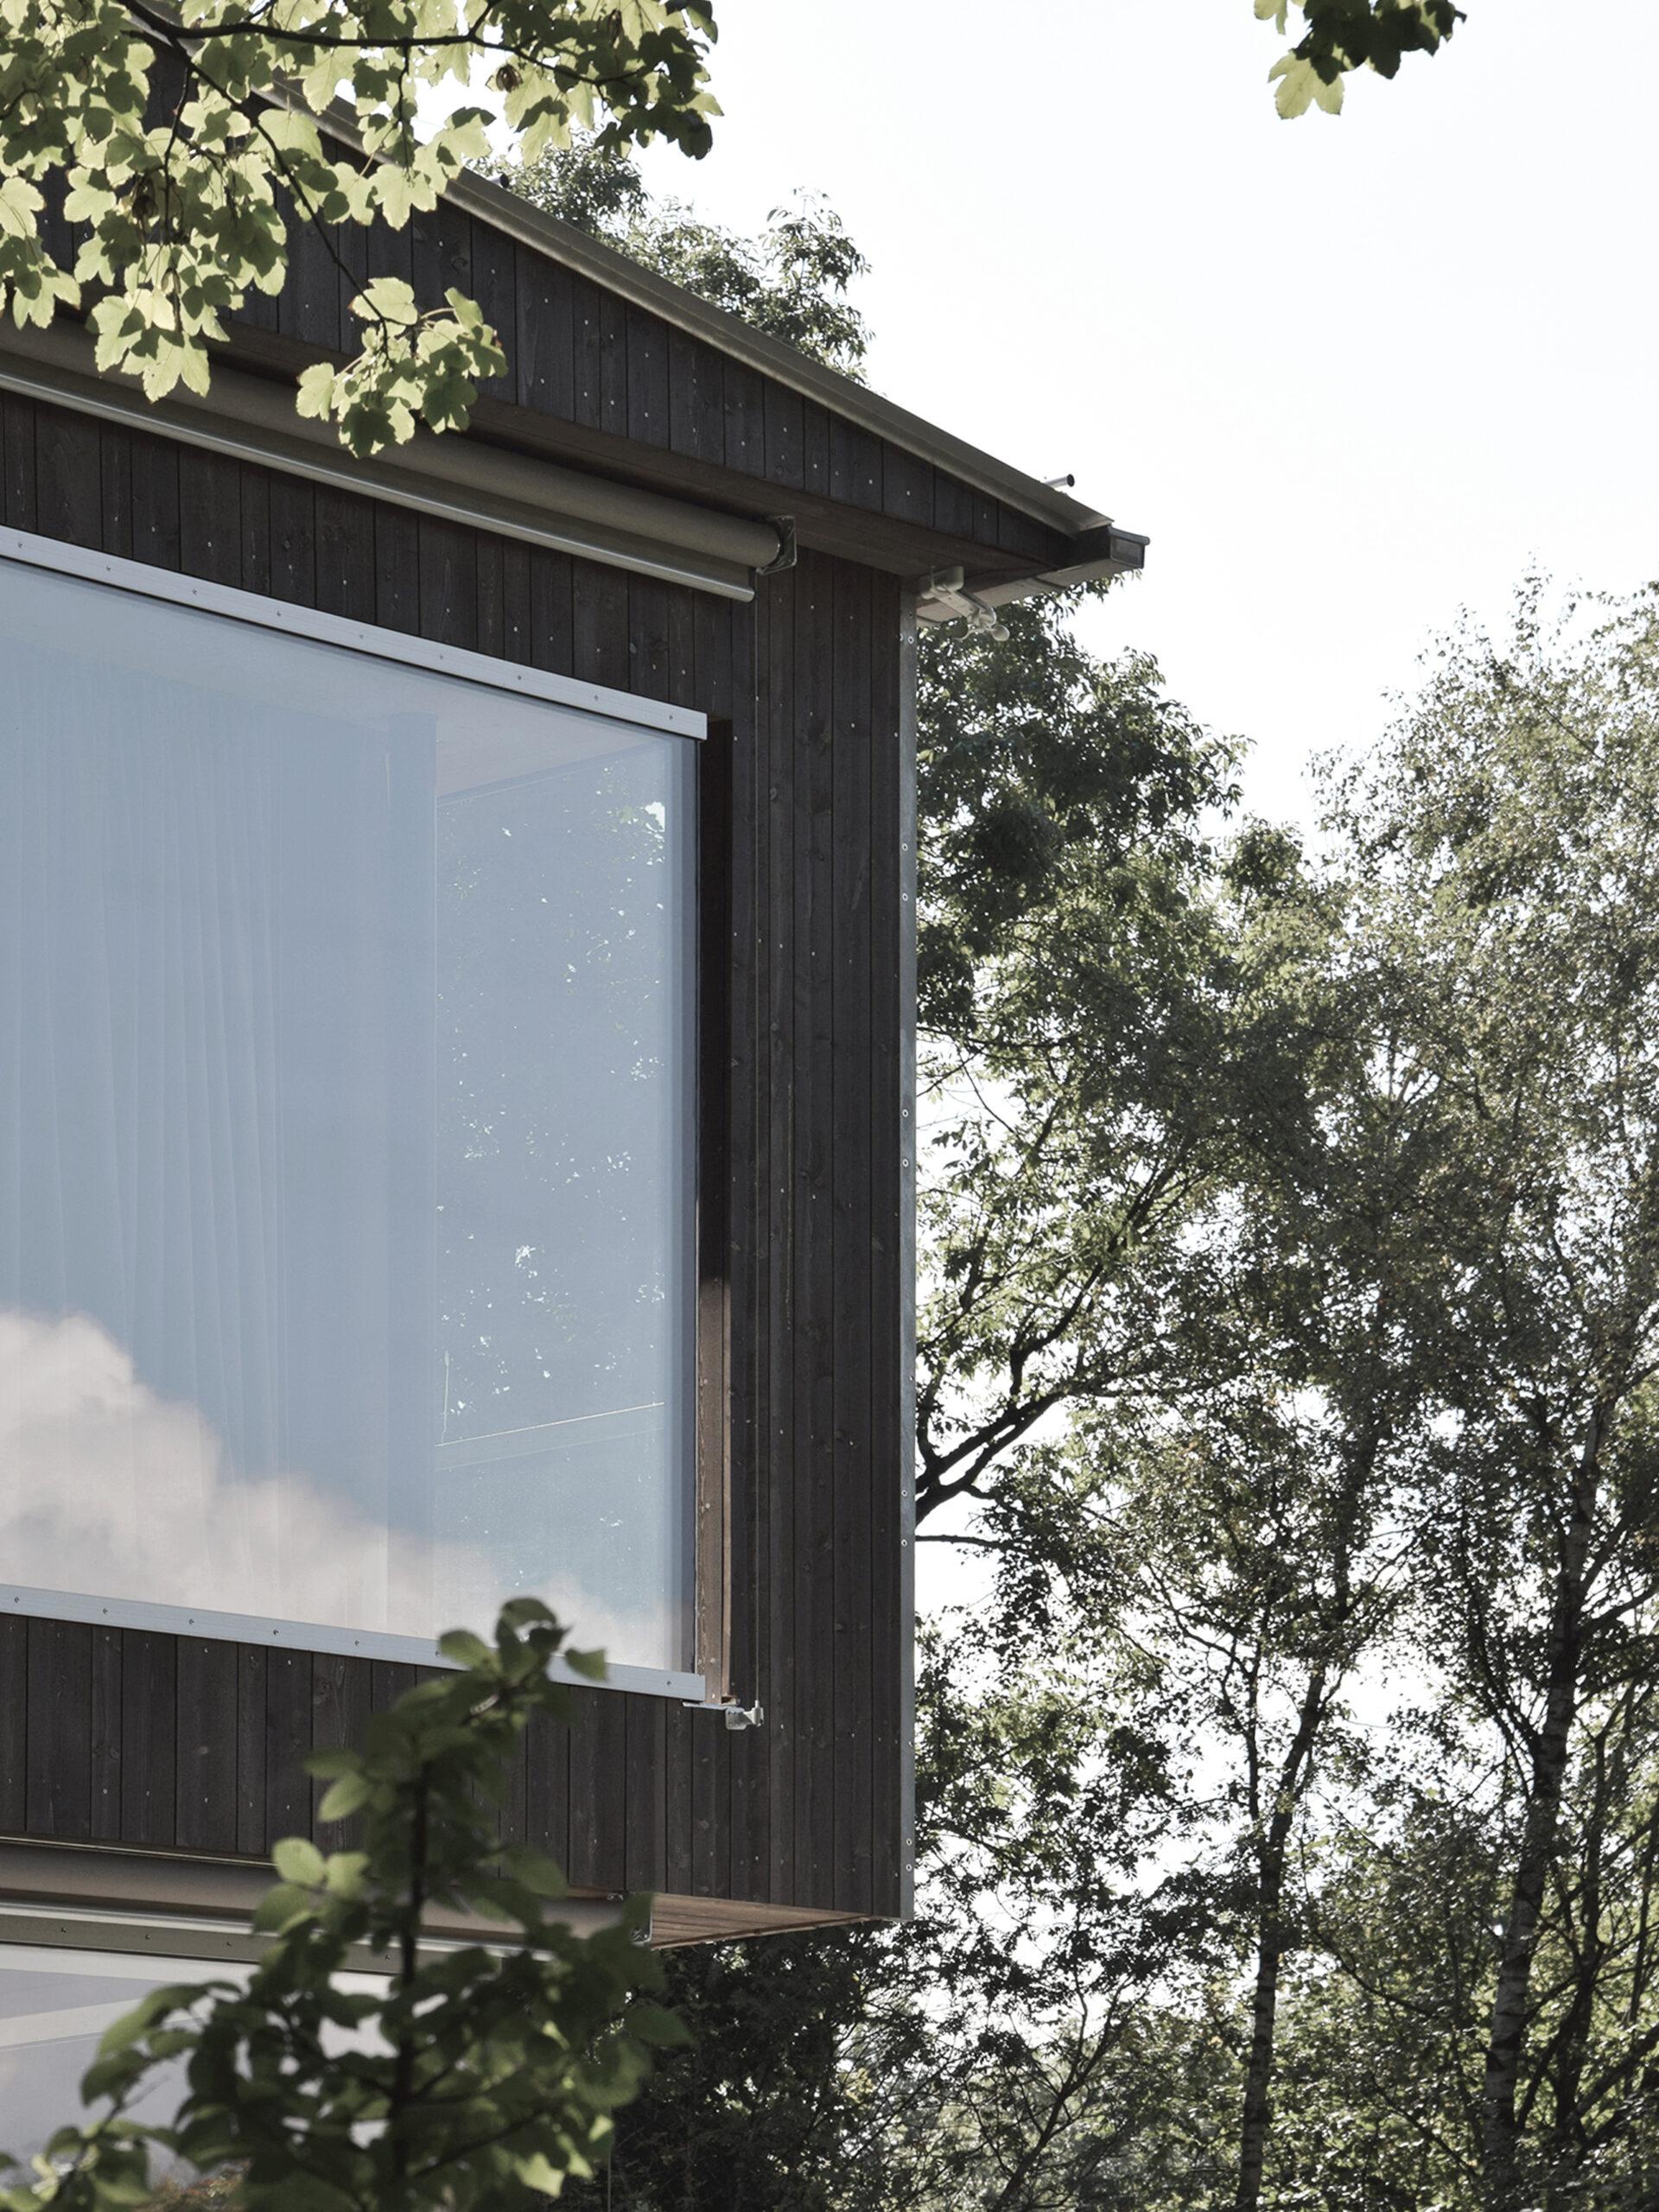 Michael-Becker-Architects-Architekten-Haus-sf-03